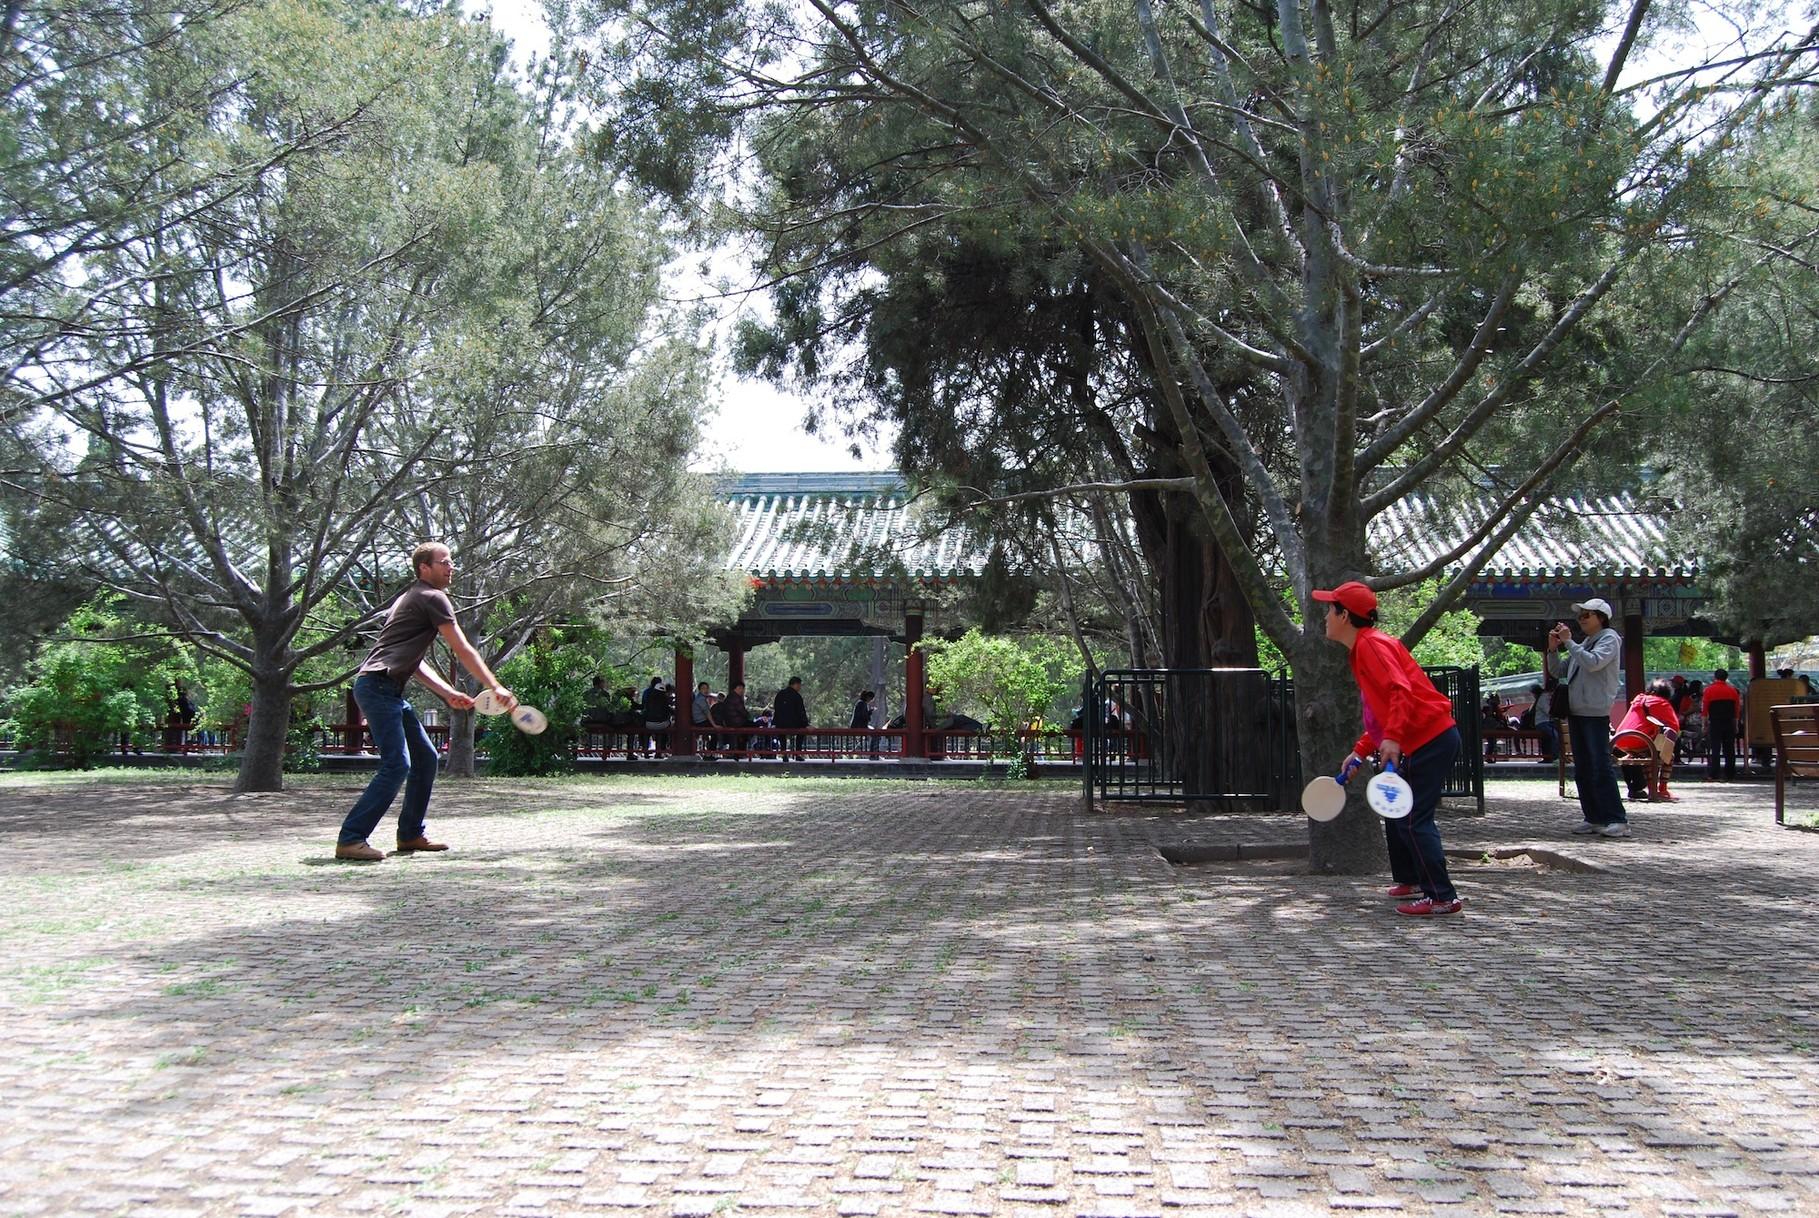 David beim Ping Pong Spielen im Park des Himmlischen Tempels